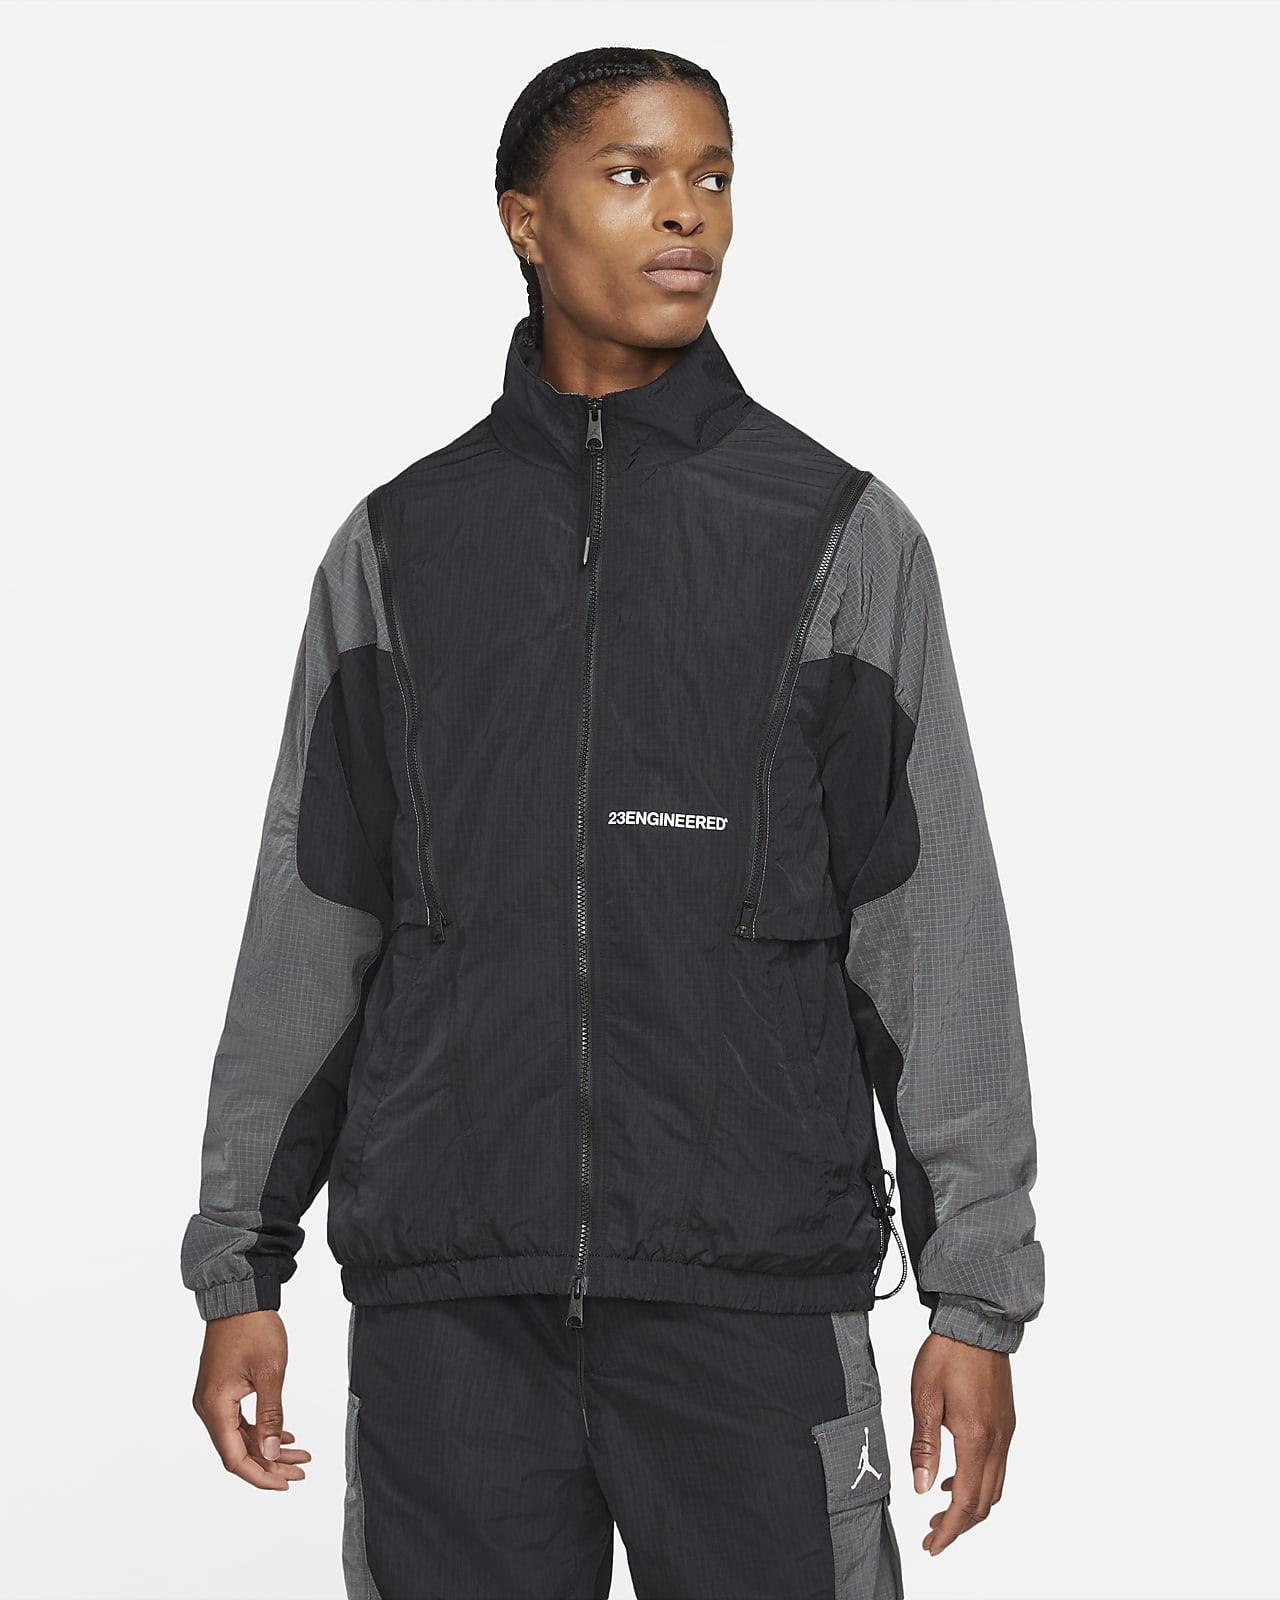 Мужская куртка из тканого материала Jordan 23 Engineered